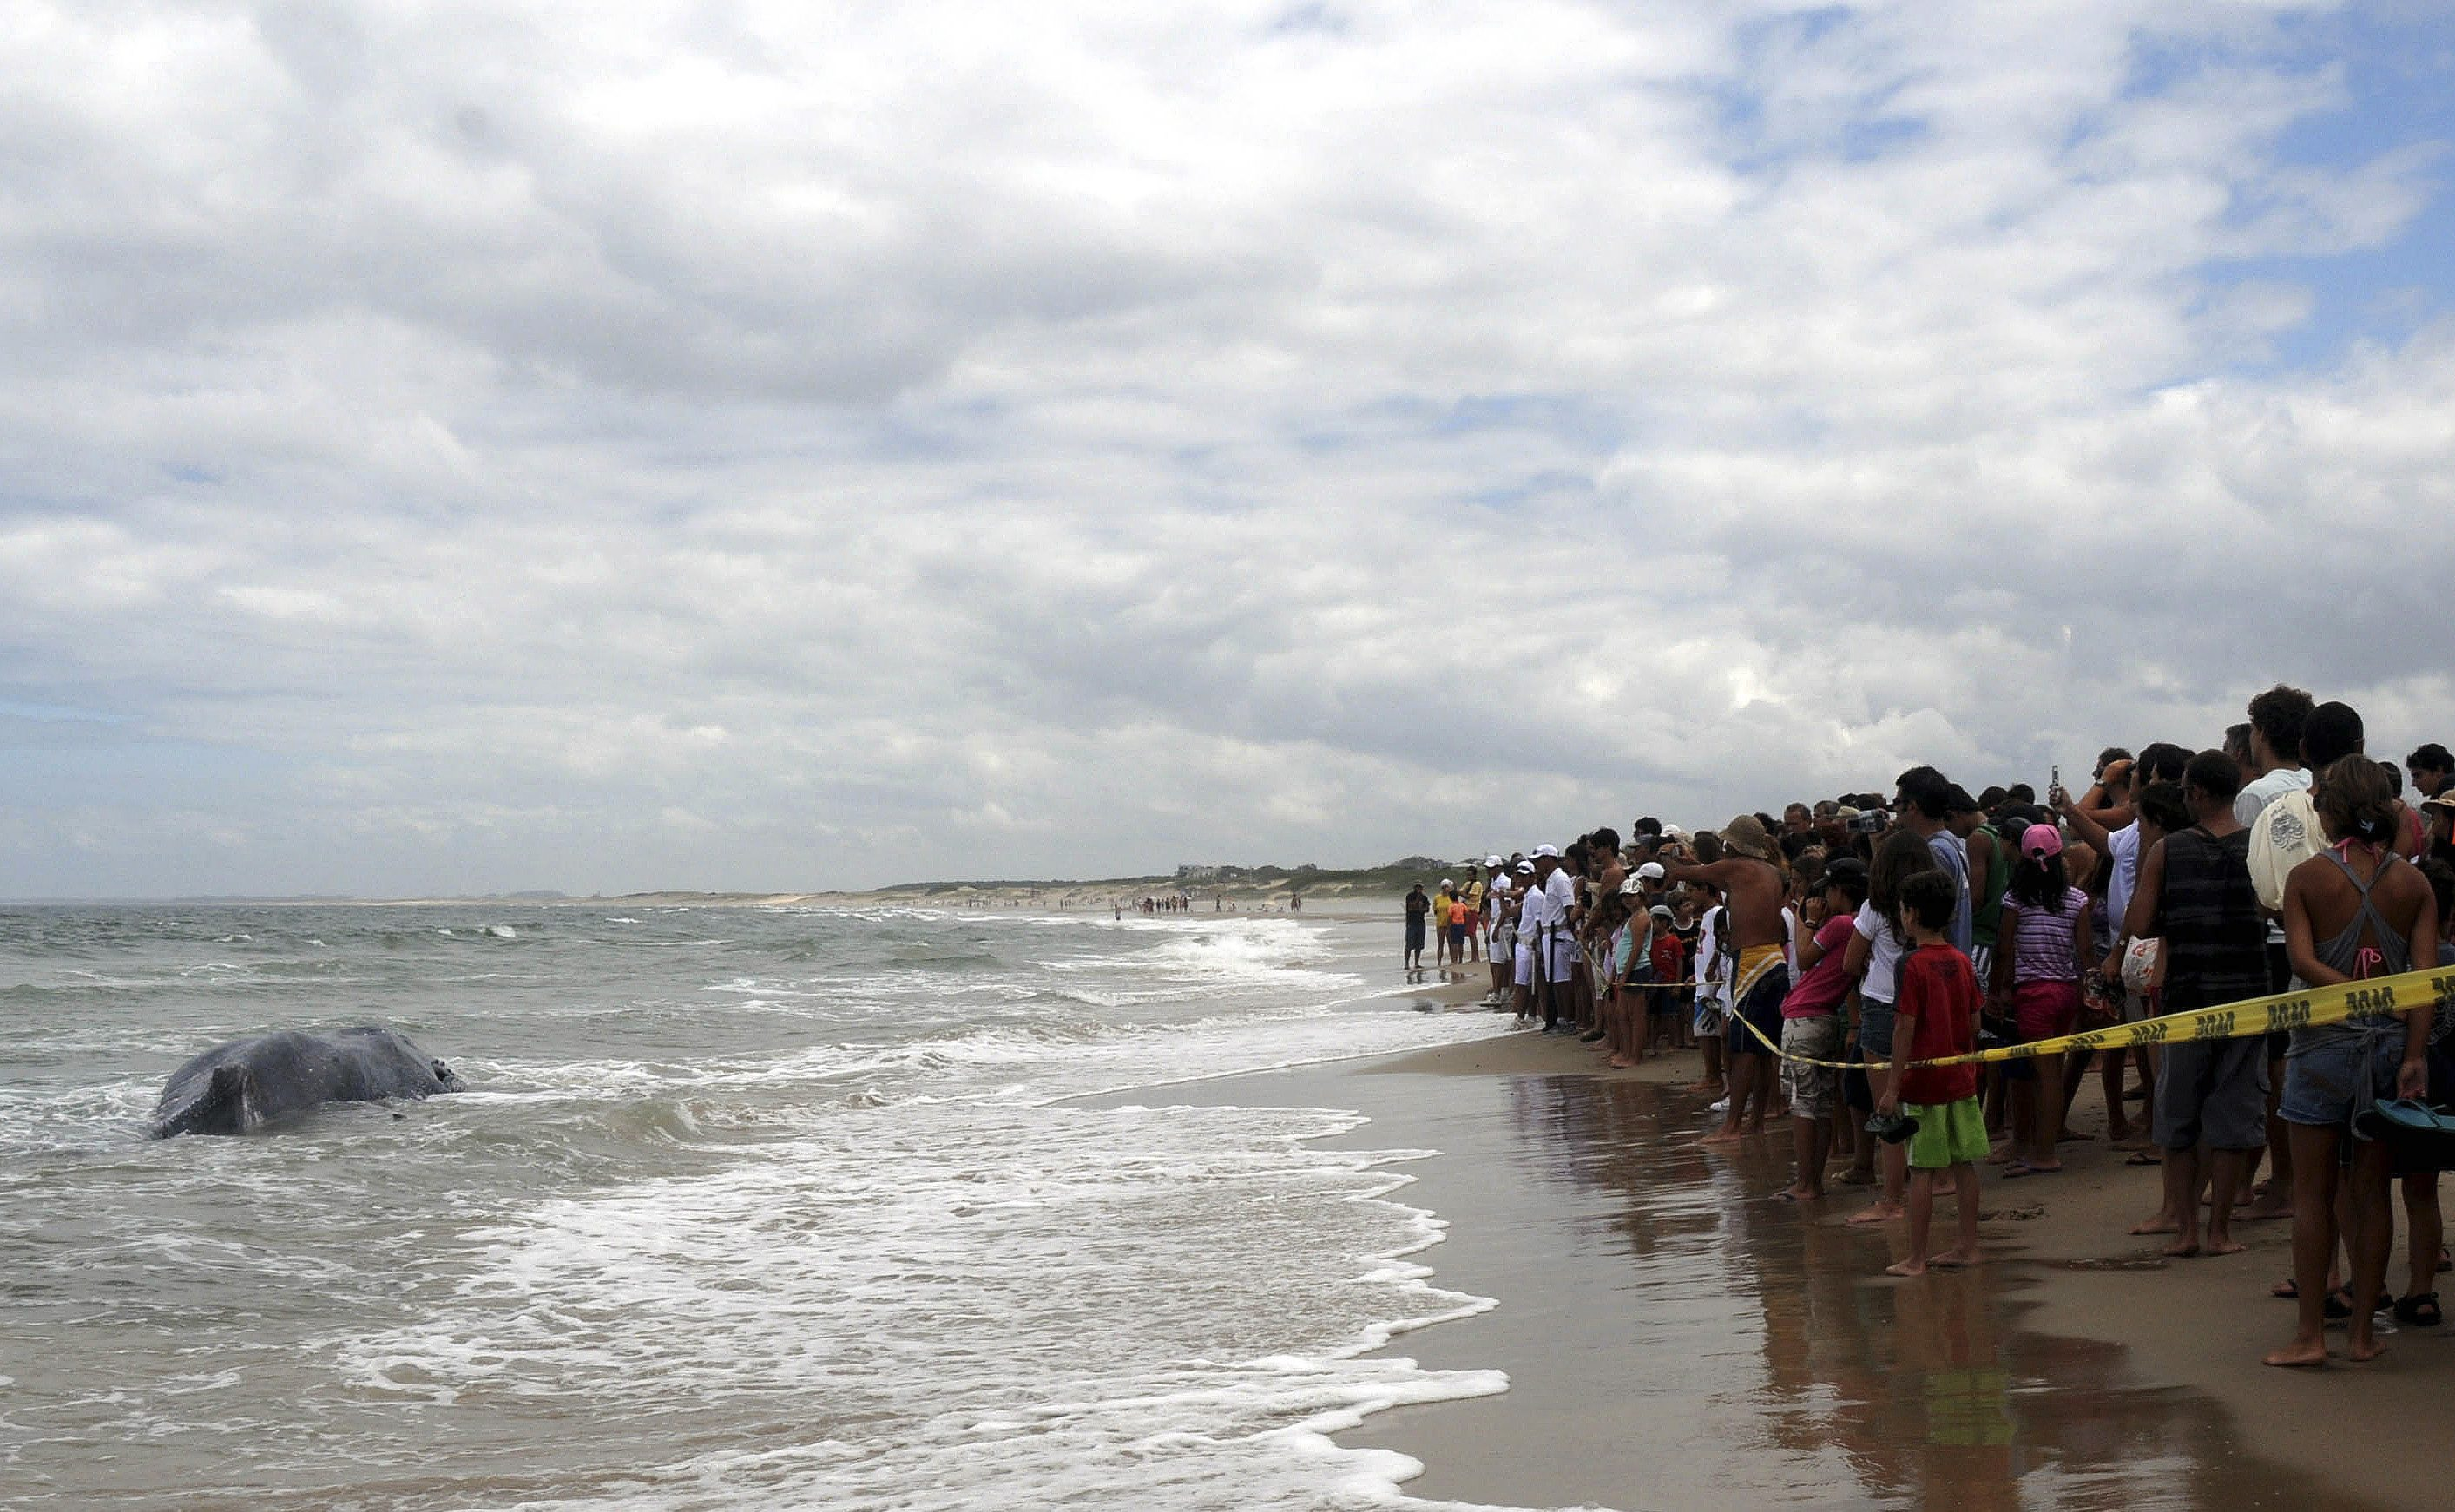 FOTOS: ballena quedó varada en una playa uruguaya